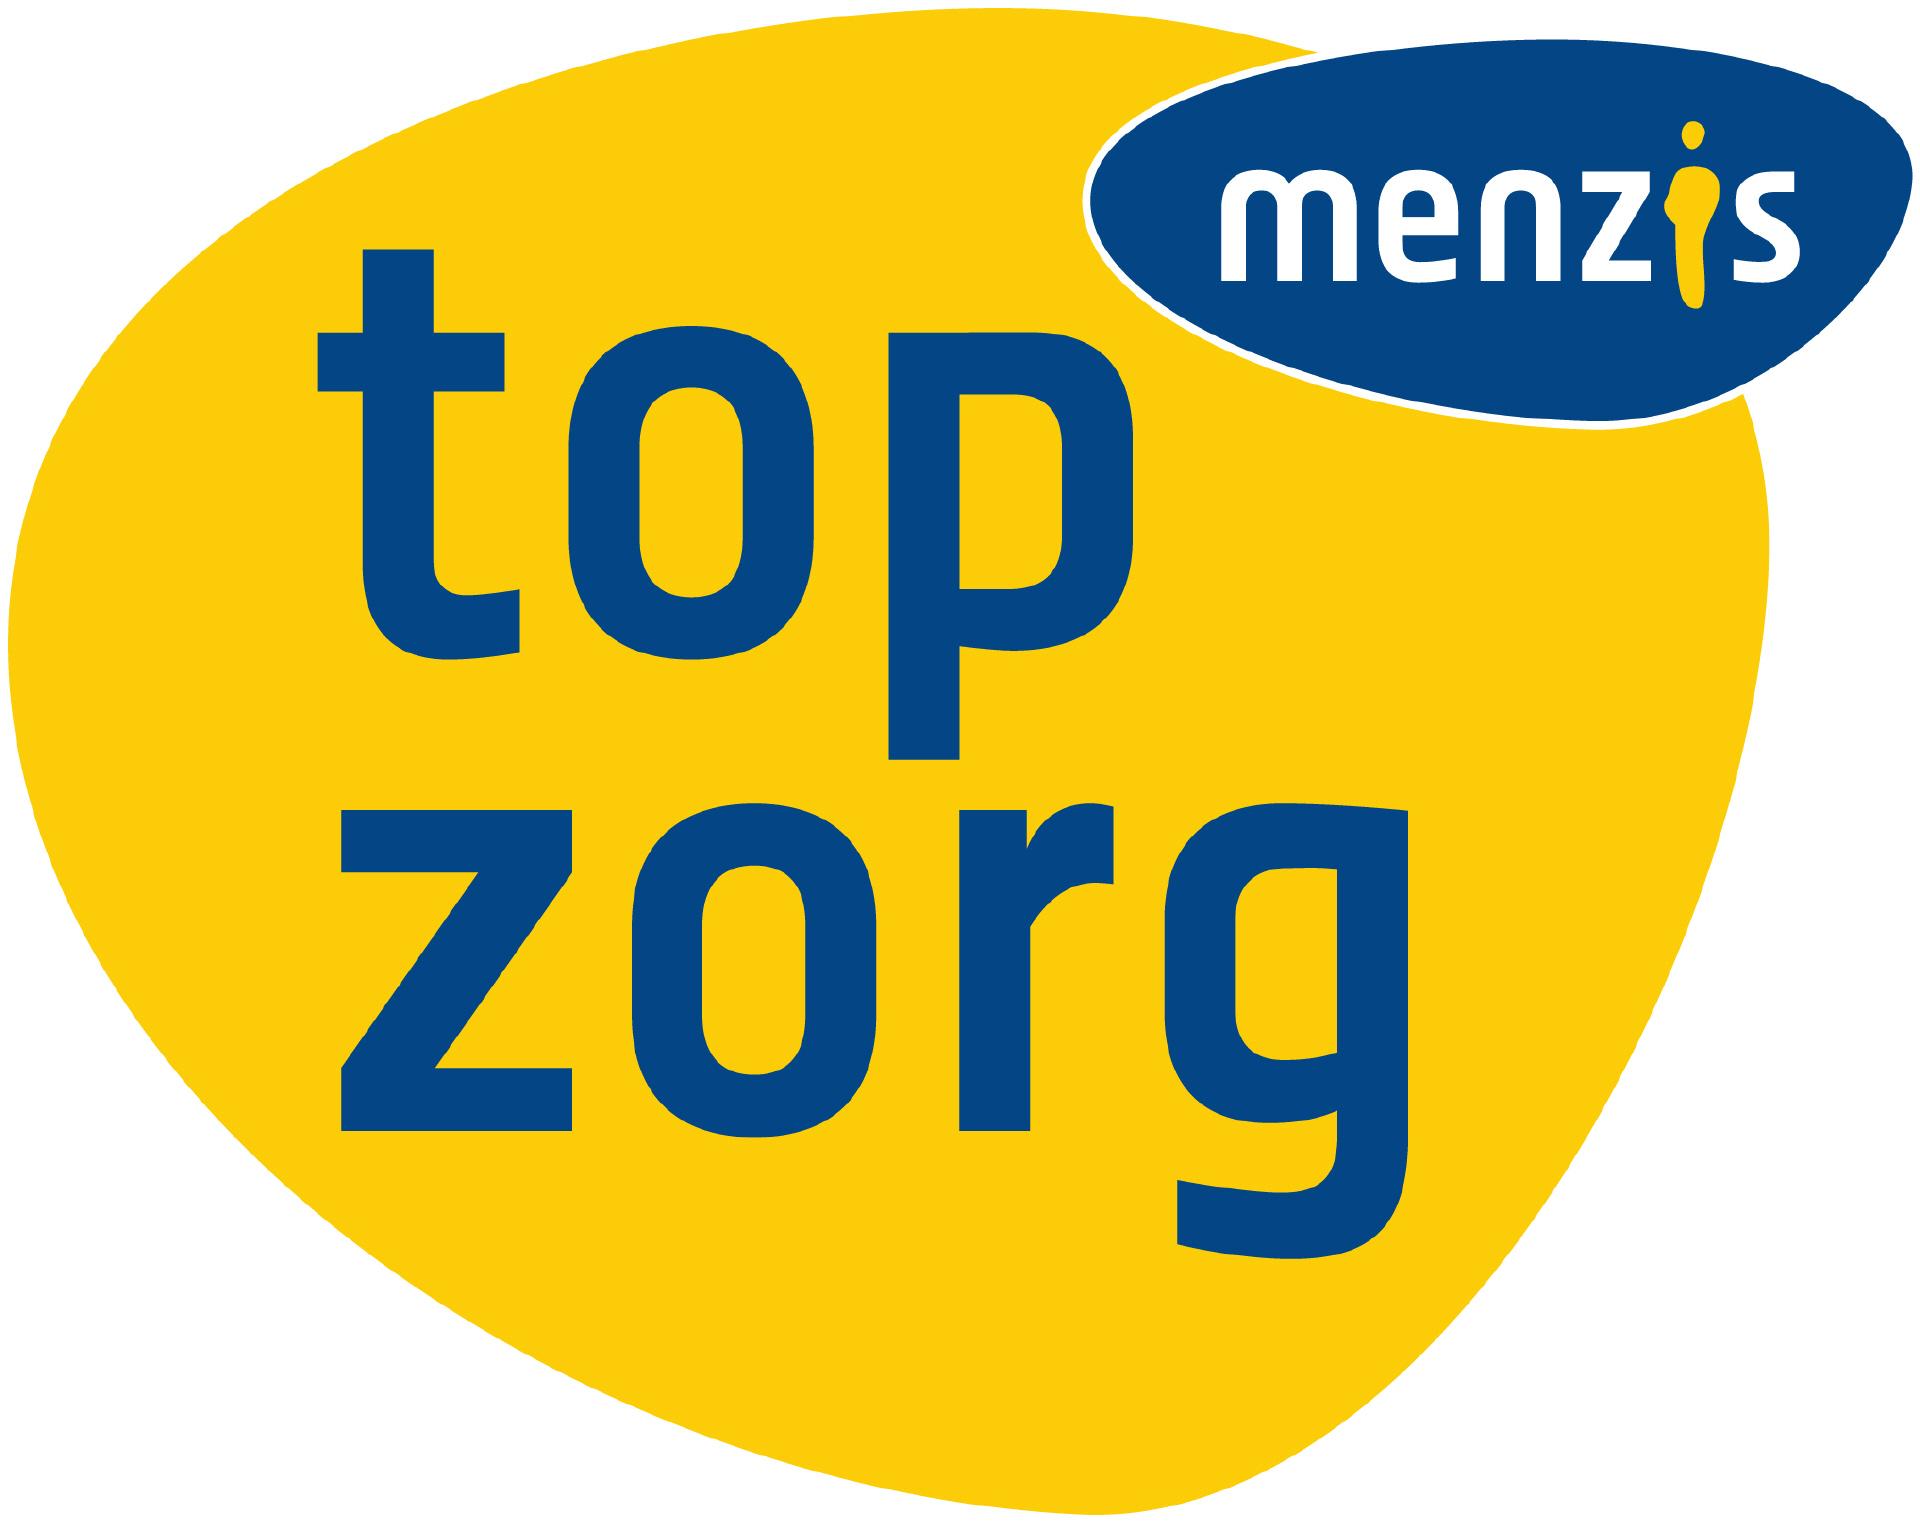 topzorg-menzis